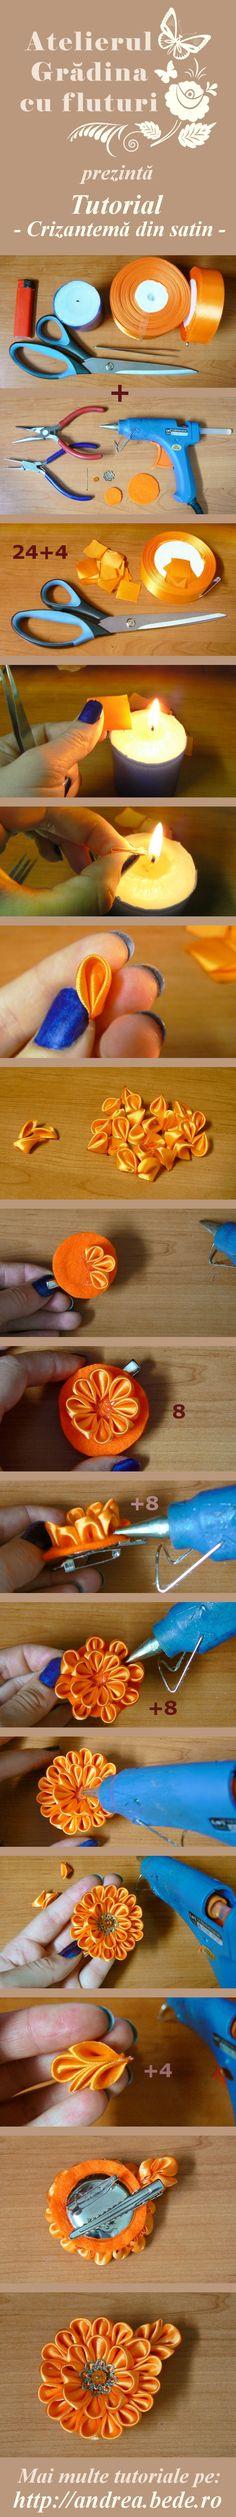 Tutorial foto: crizantema din satin | Atelierul Grădina cu fluturi